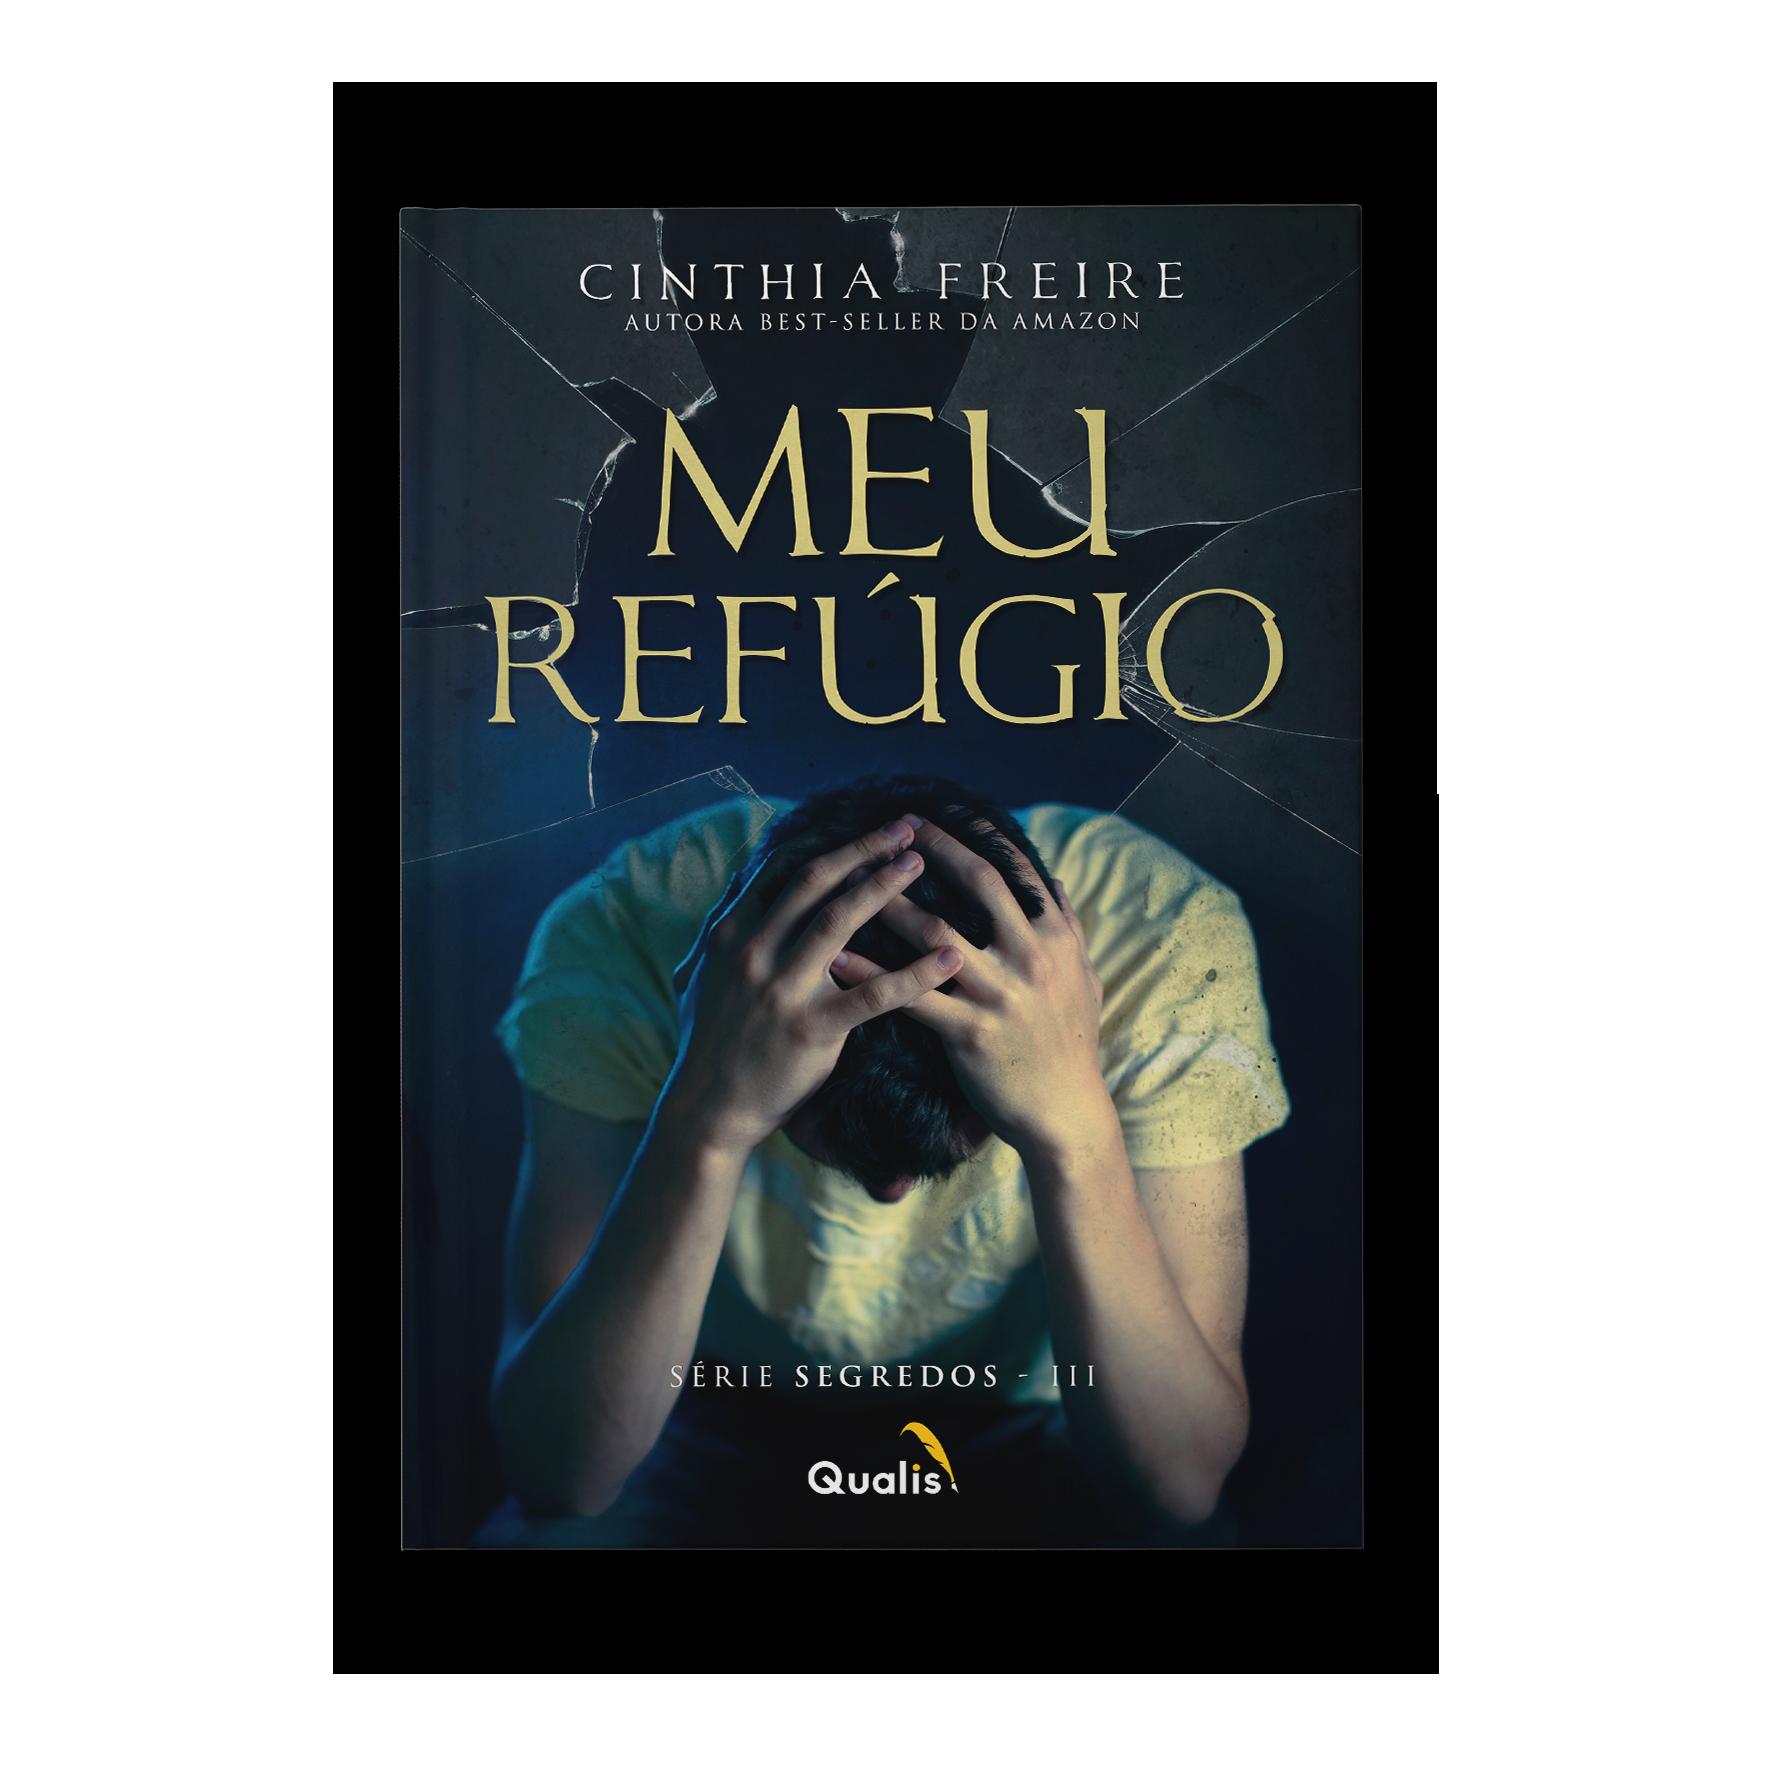 Meu refúgio – Cinthia Freire